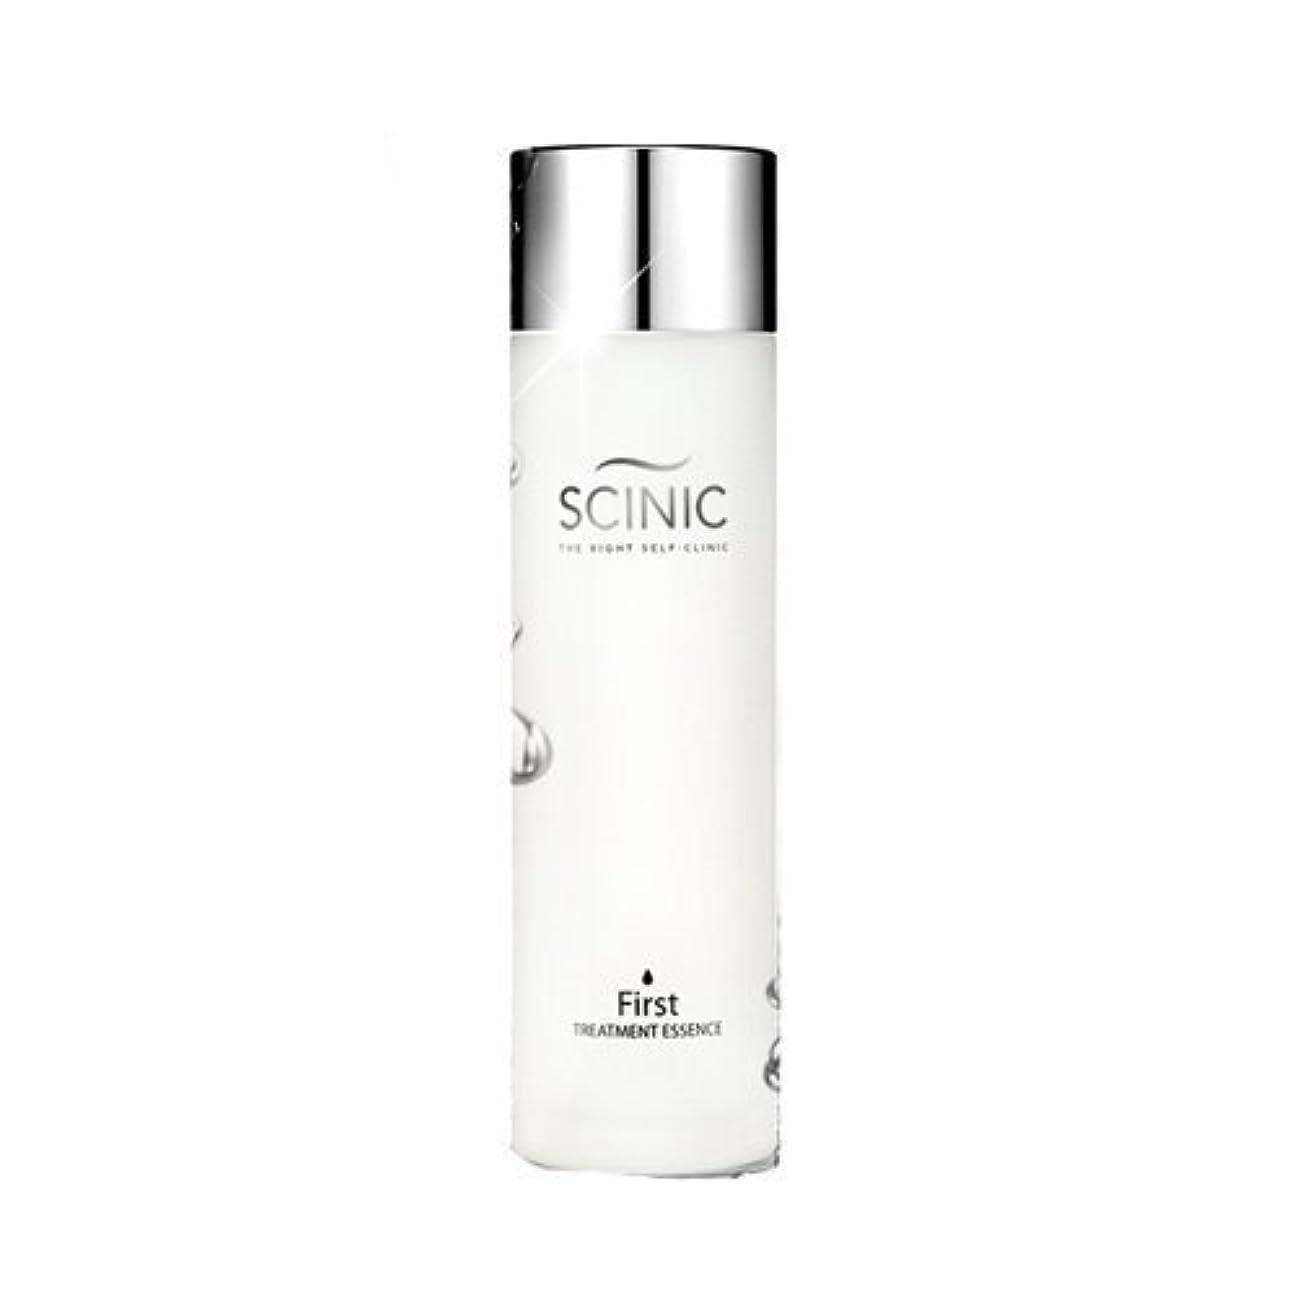 評価する宝石晩ごはんSCINIC First Treatment Yeast Essence Galactomyces Whitening Anti-Wrinkle 150ml